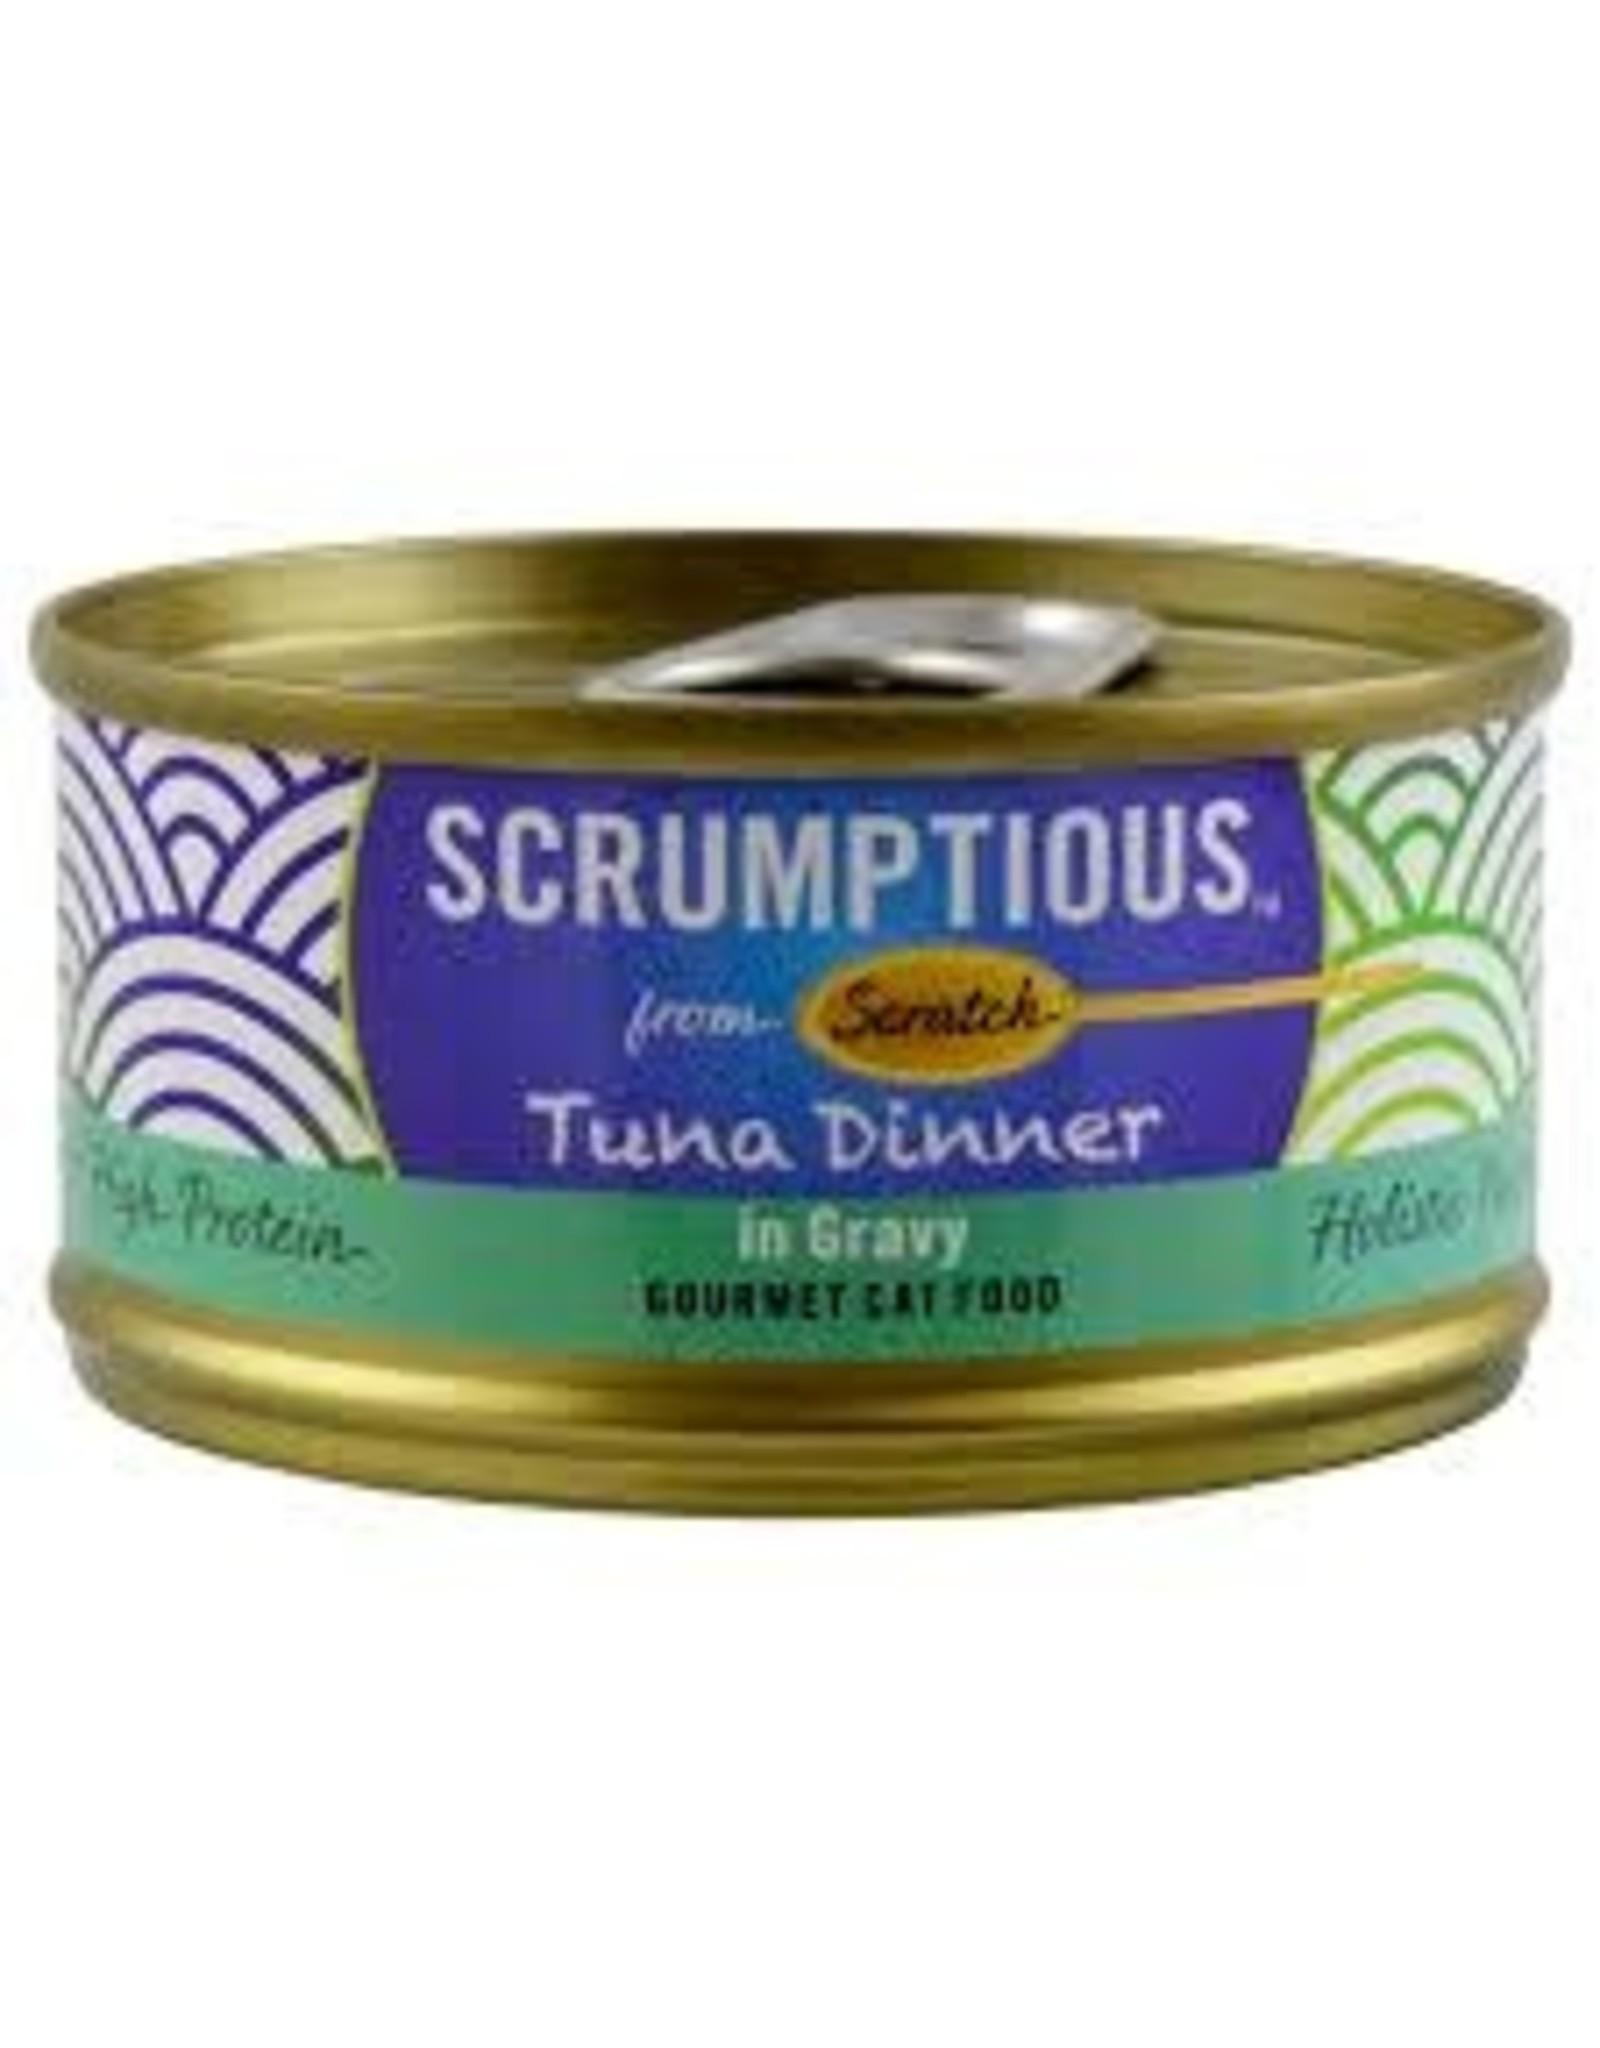 Scrumptious Scrumptious - Red Meat Tuna 2.8oz